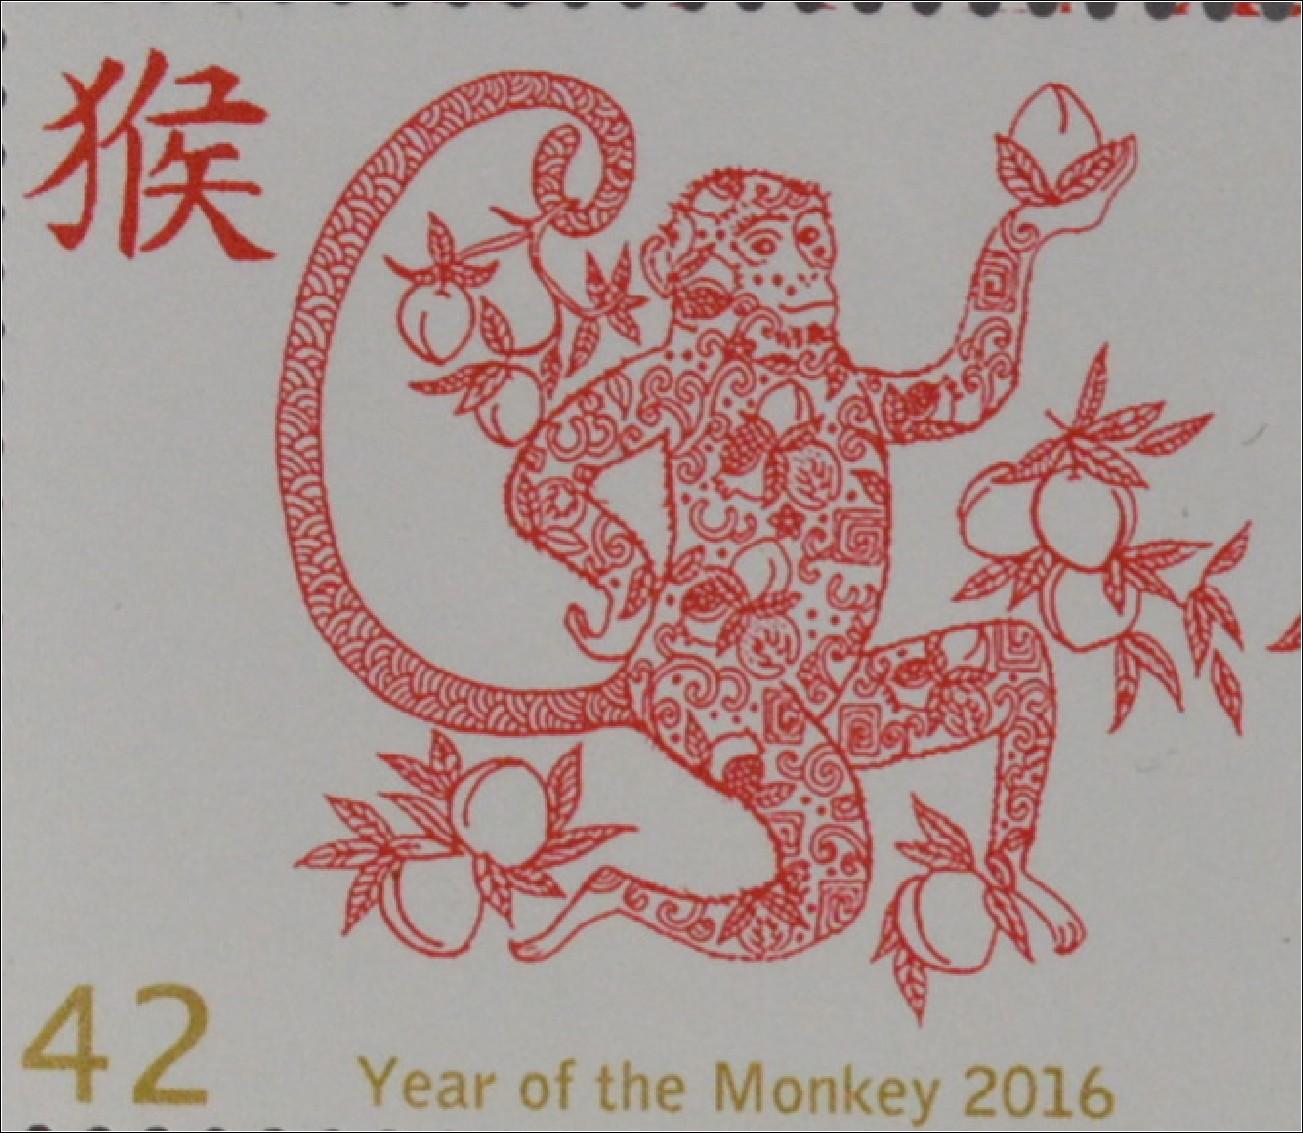 guernsey 2016 nr 1553 58 jahr des affen chinesisches horoskop briefmarkenhaus engel. Black Bedroom Furniture Sets. Home Design Ideas